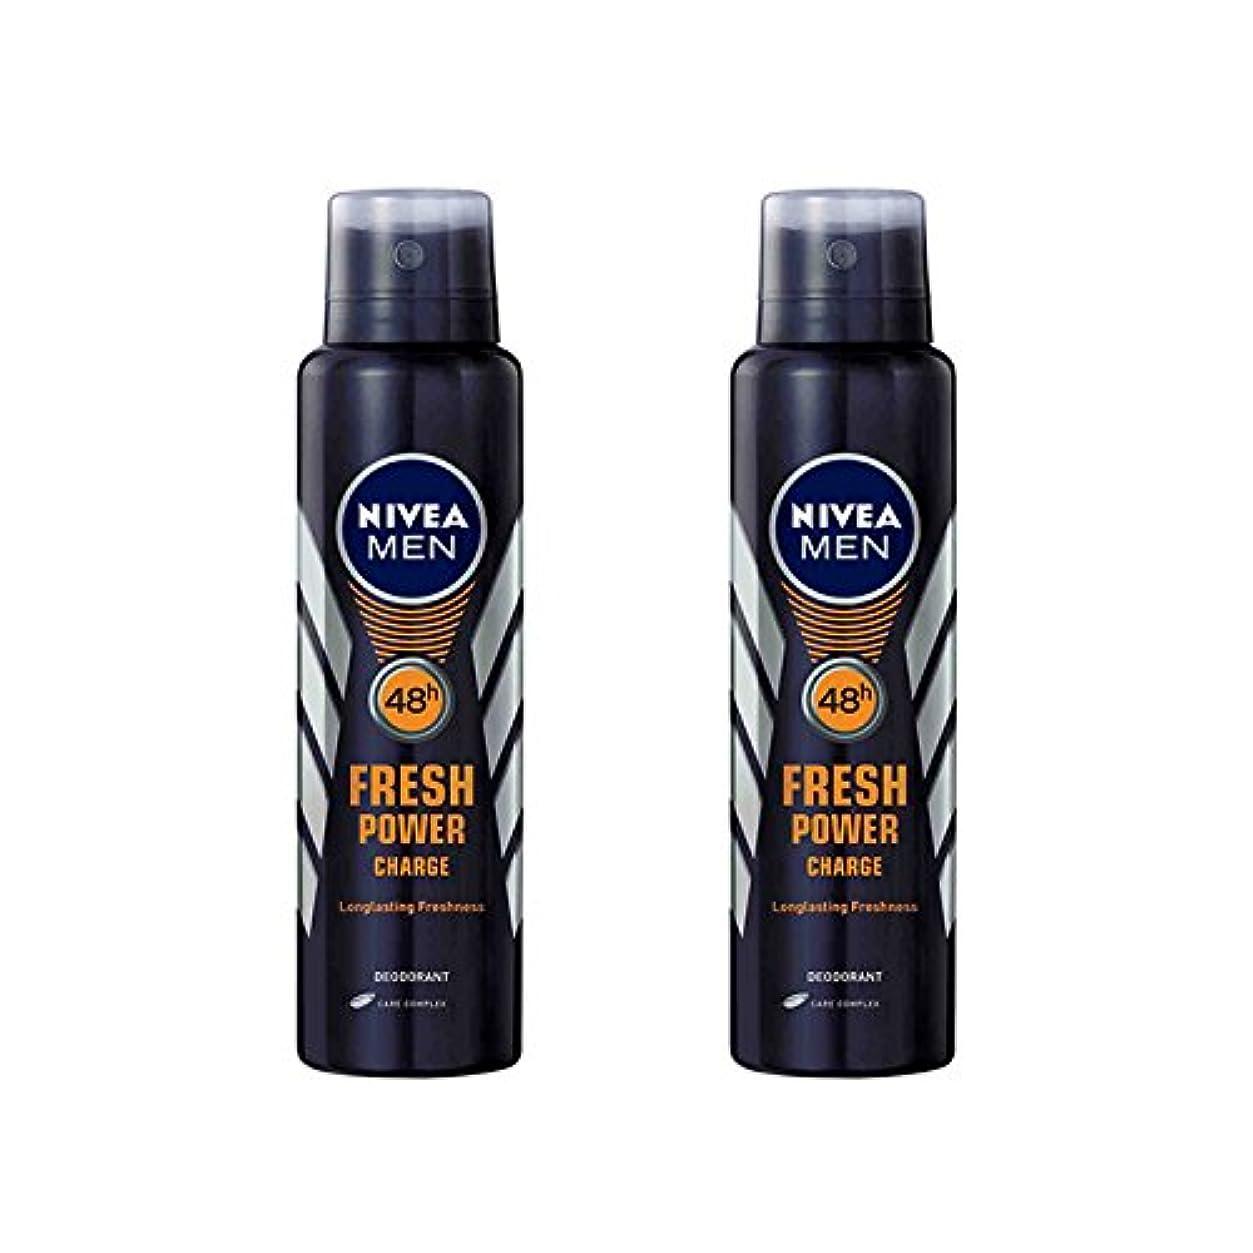 含める役職アラブサラボ2 Lots X Nivea Male Deodorant Fresh Power Charge, 150ml - 並行輸入品 - 2ロットXニベア男性デオドラントフレッシュパワーチャージ、150ml